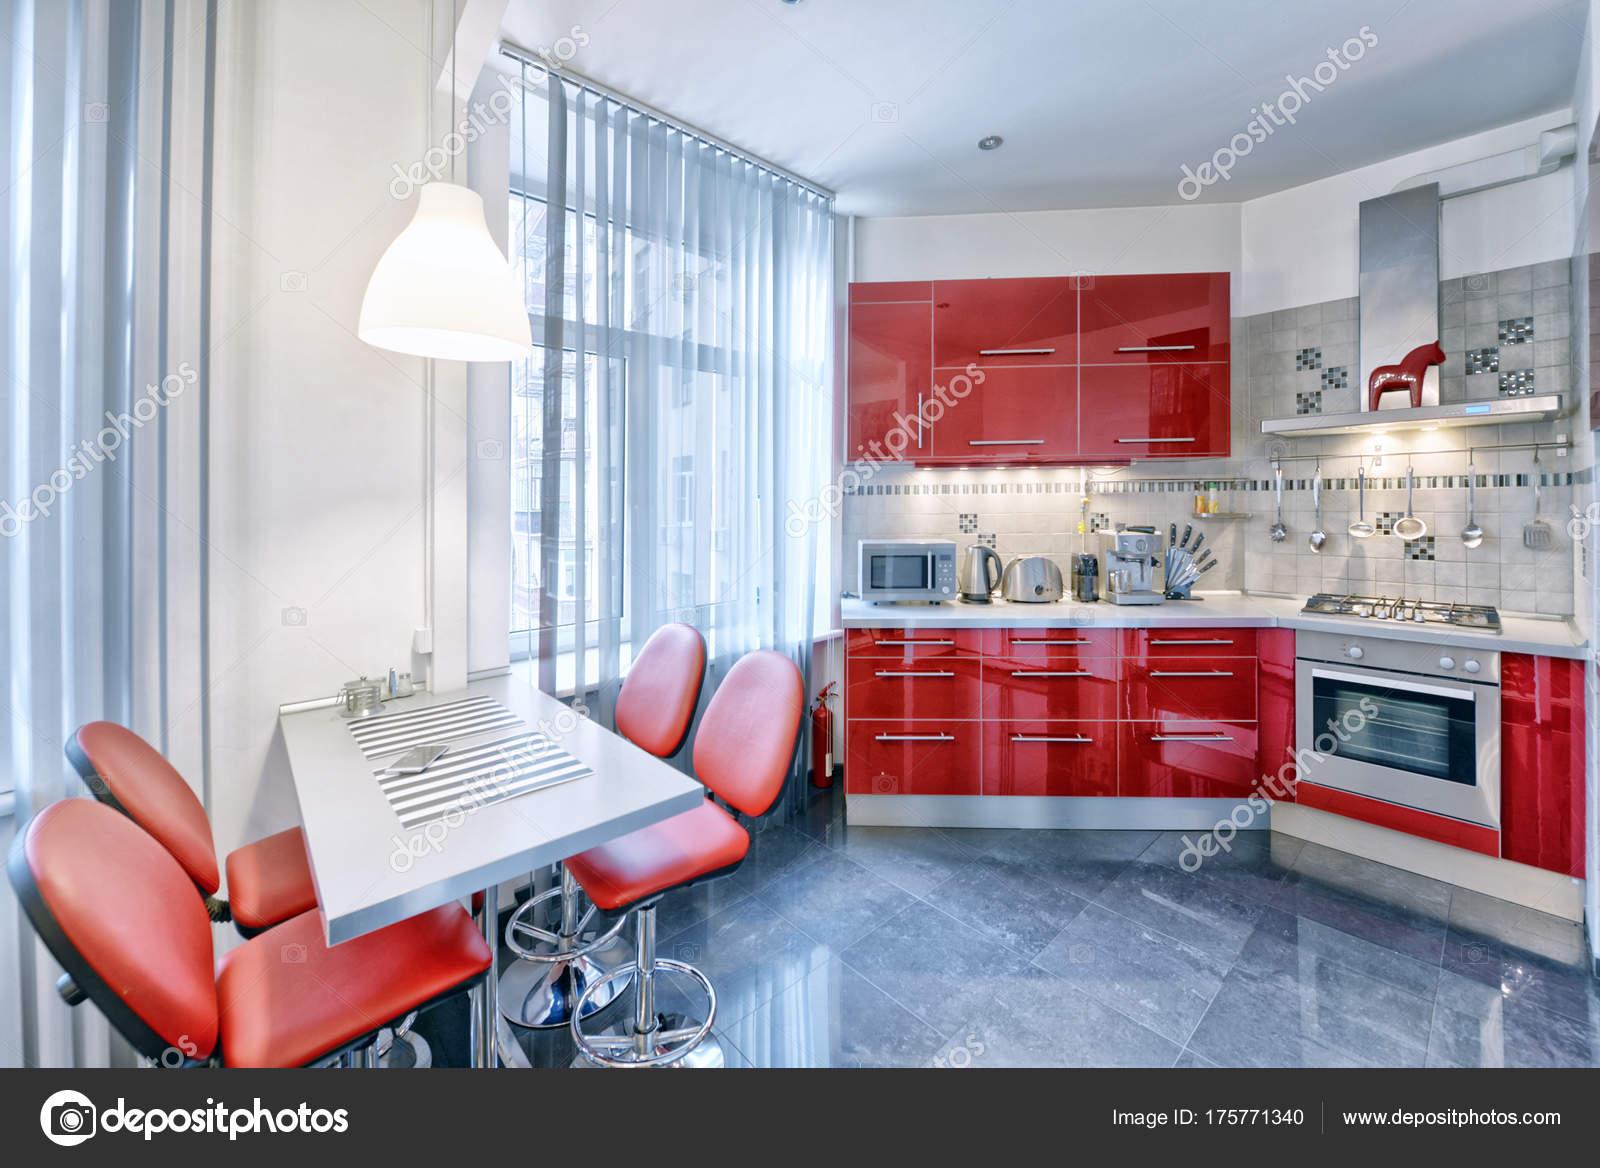 Interior Cozinha Moderna Casa Cor Vermelha Fotografias De Stock